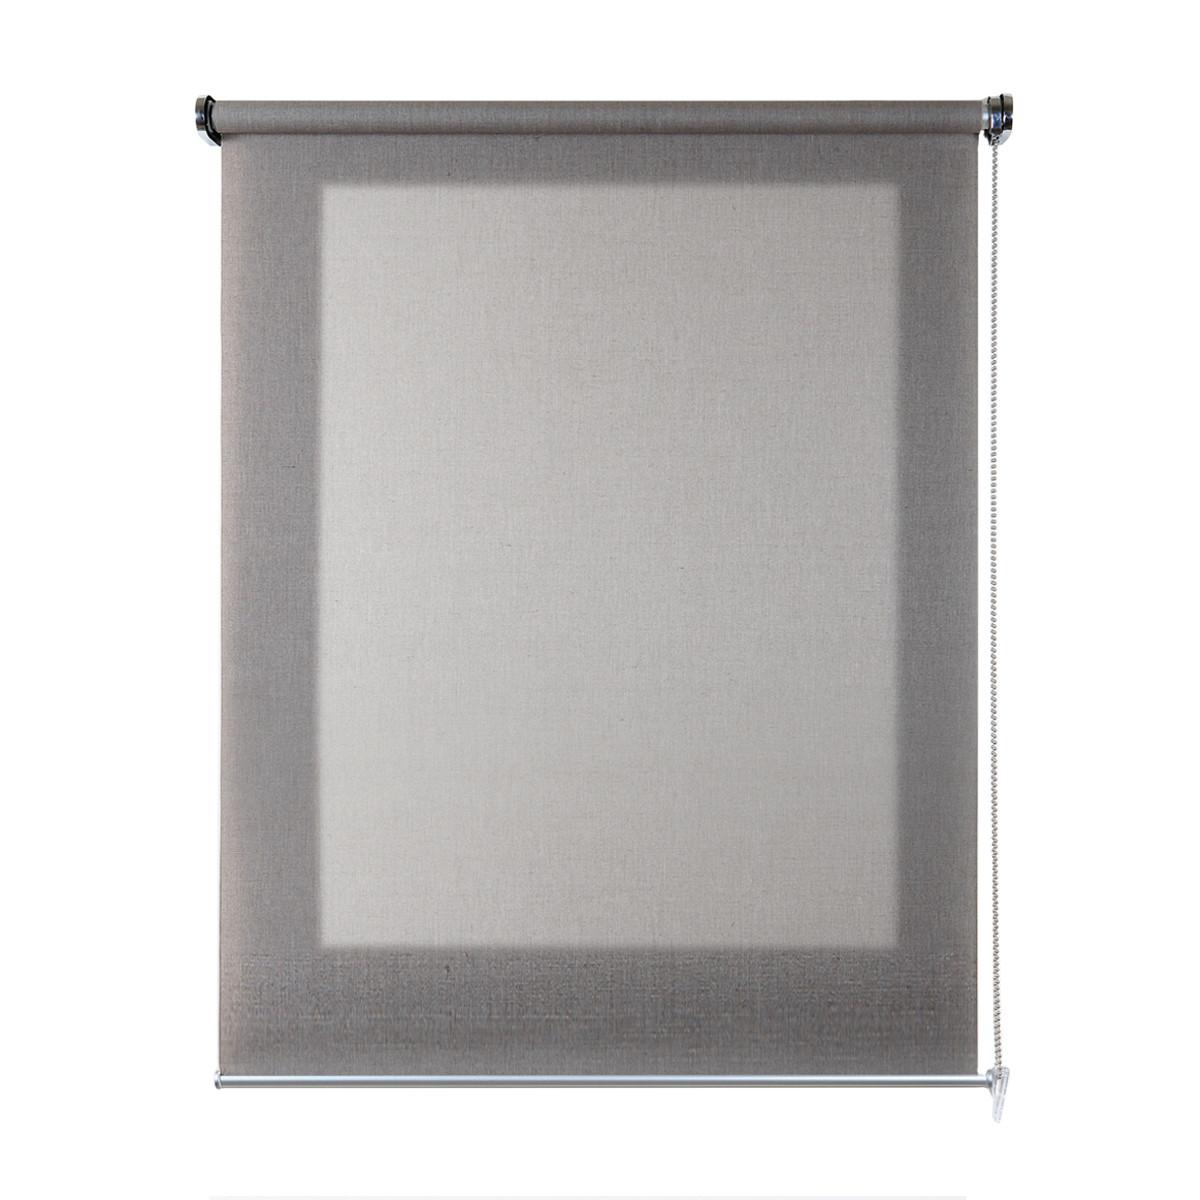 Tenda a rullo scandi marrone 80 x 180 cm prezzi e offerte for Tende a rullo leroy